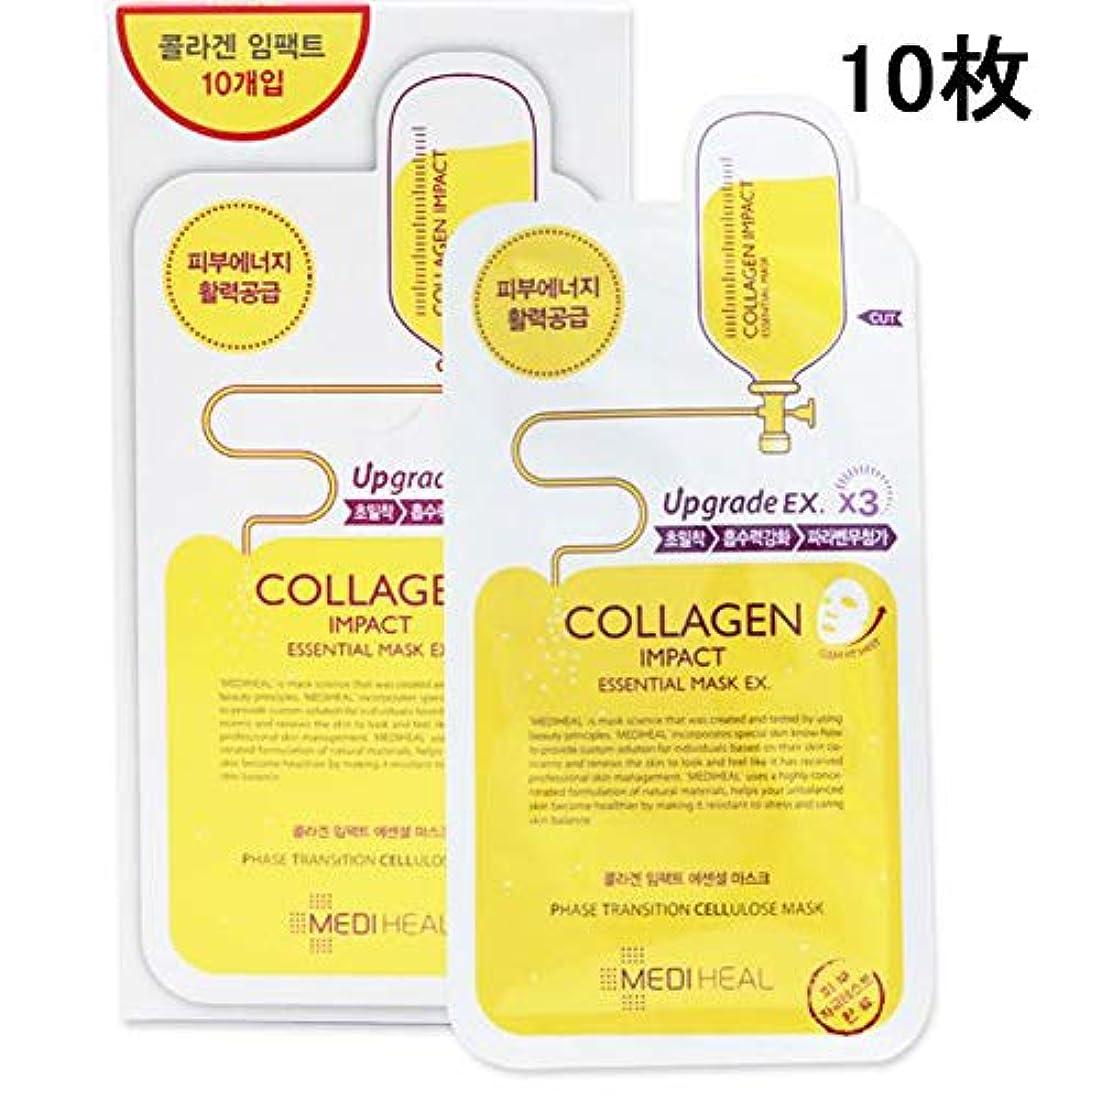 桁側溝確執[メディヒール] Mediheal Colagen Impact Essential Mask メディヒールコラーゲンインパクトエッセンシャルマスクシートEX 10枚 (24ml) [海外直送品][並行輸入品]